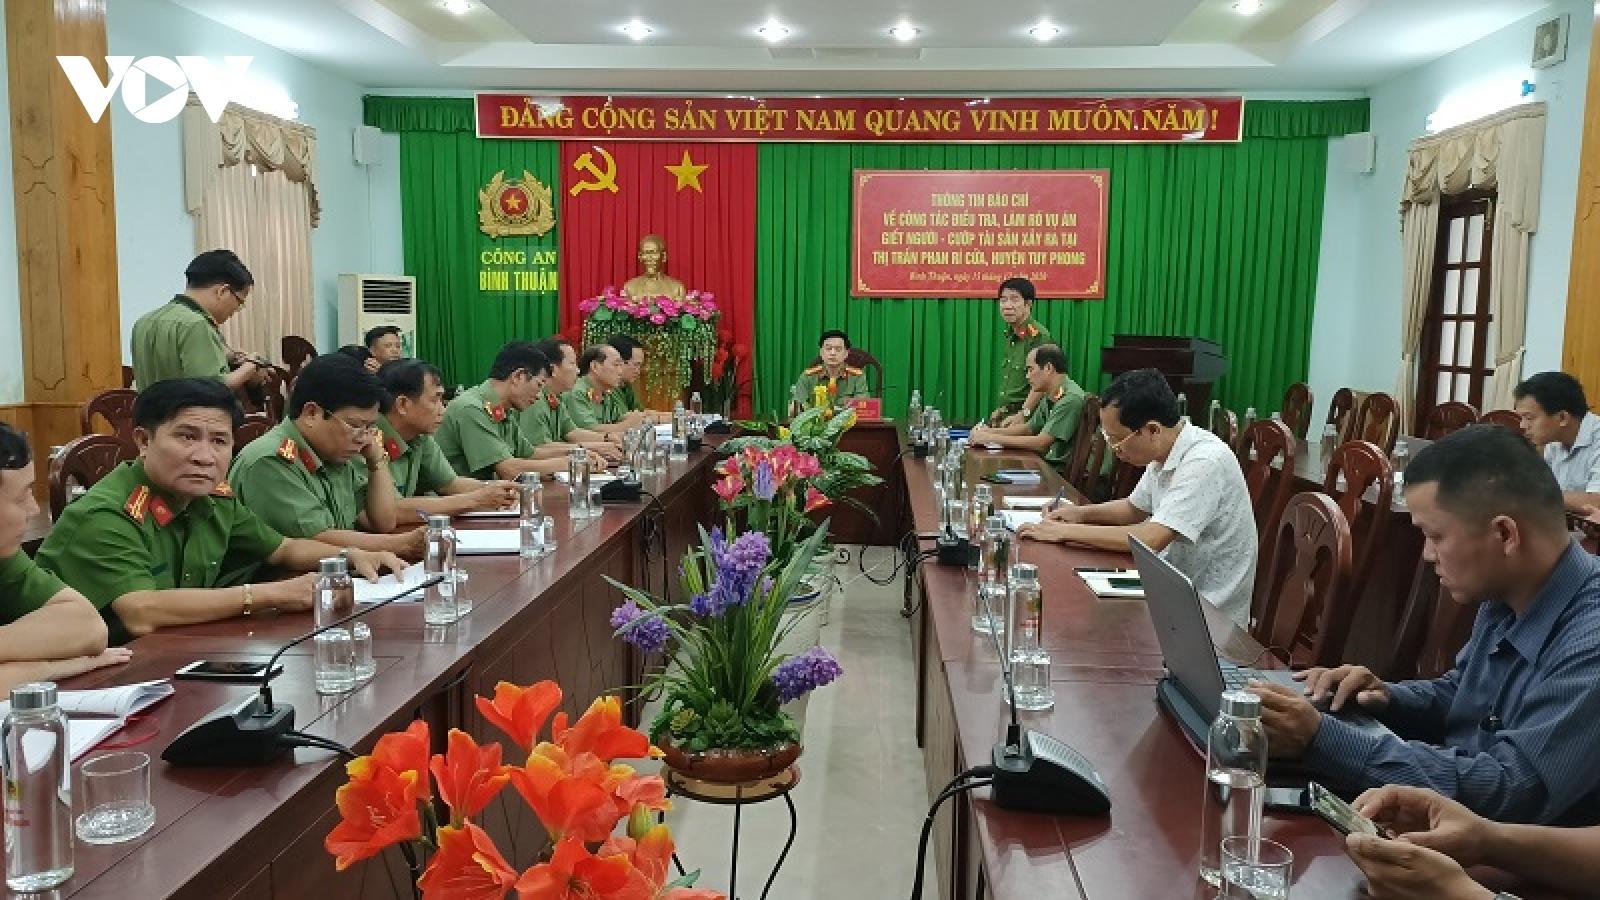 Công an Bình Thuận thông tin về vụ giết người cướp của